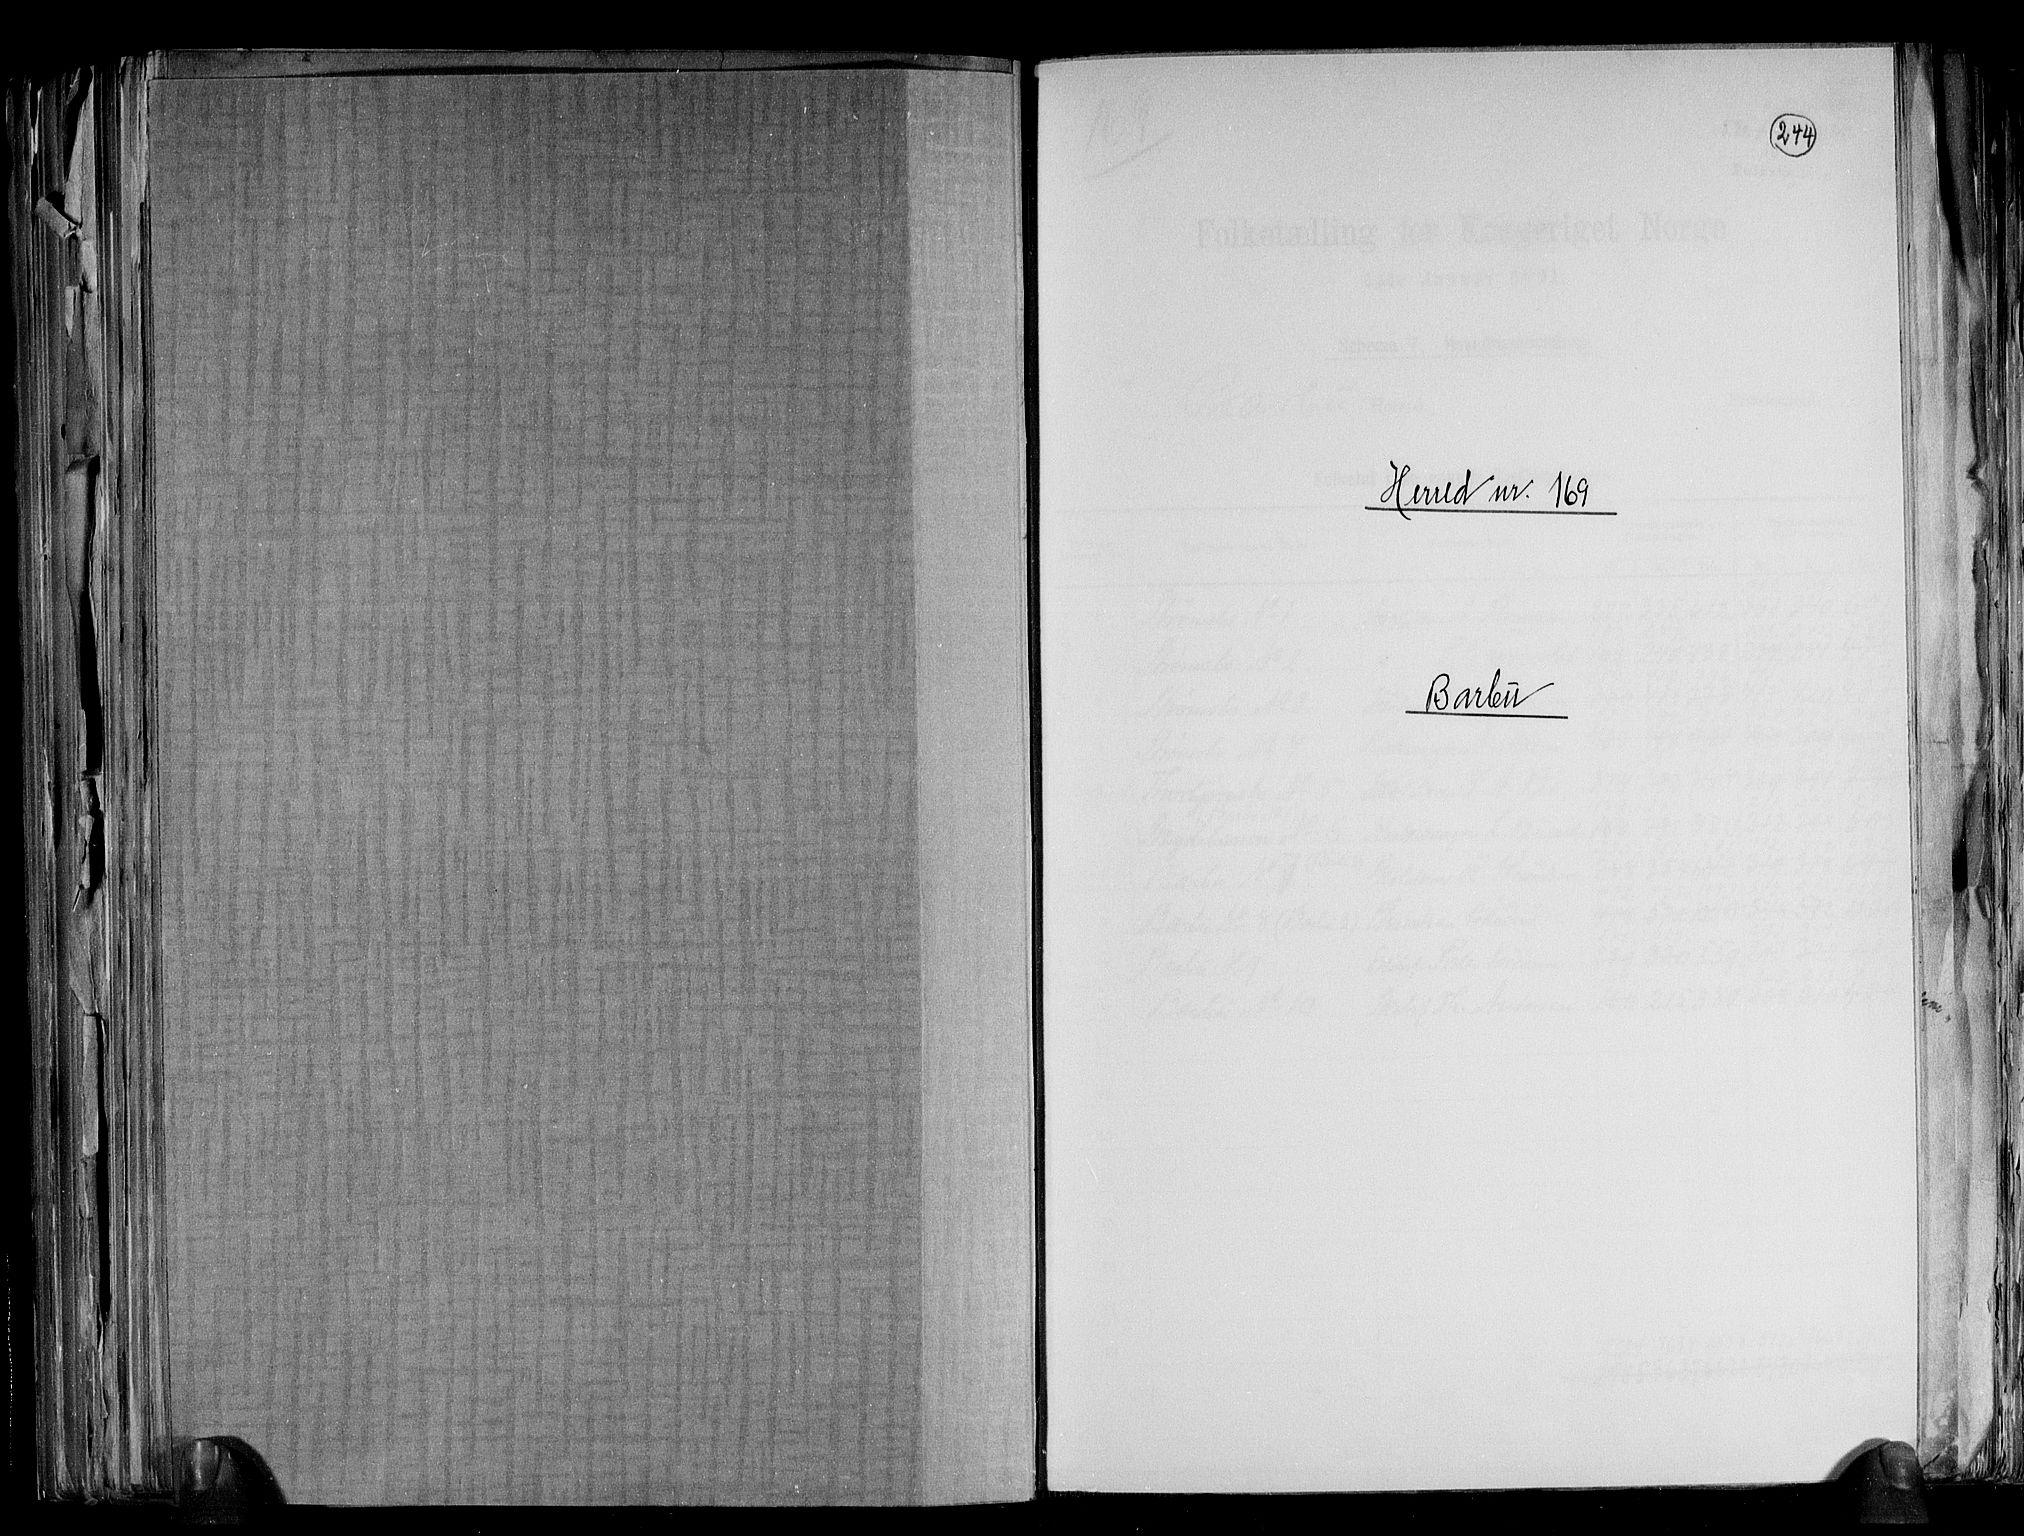 RA, Folketelling 1891 for 0990 Barbu herred, 1891, s. 1